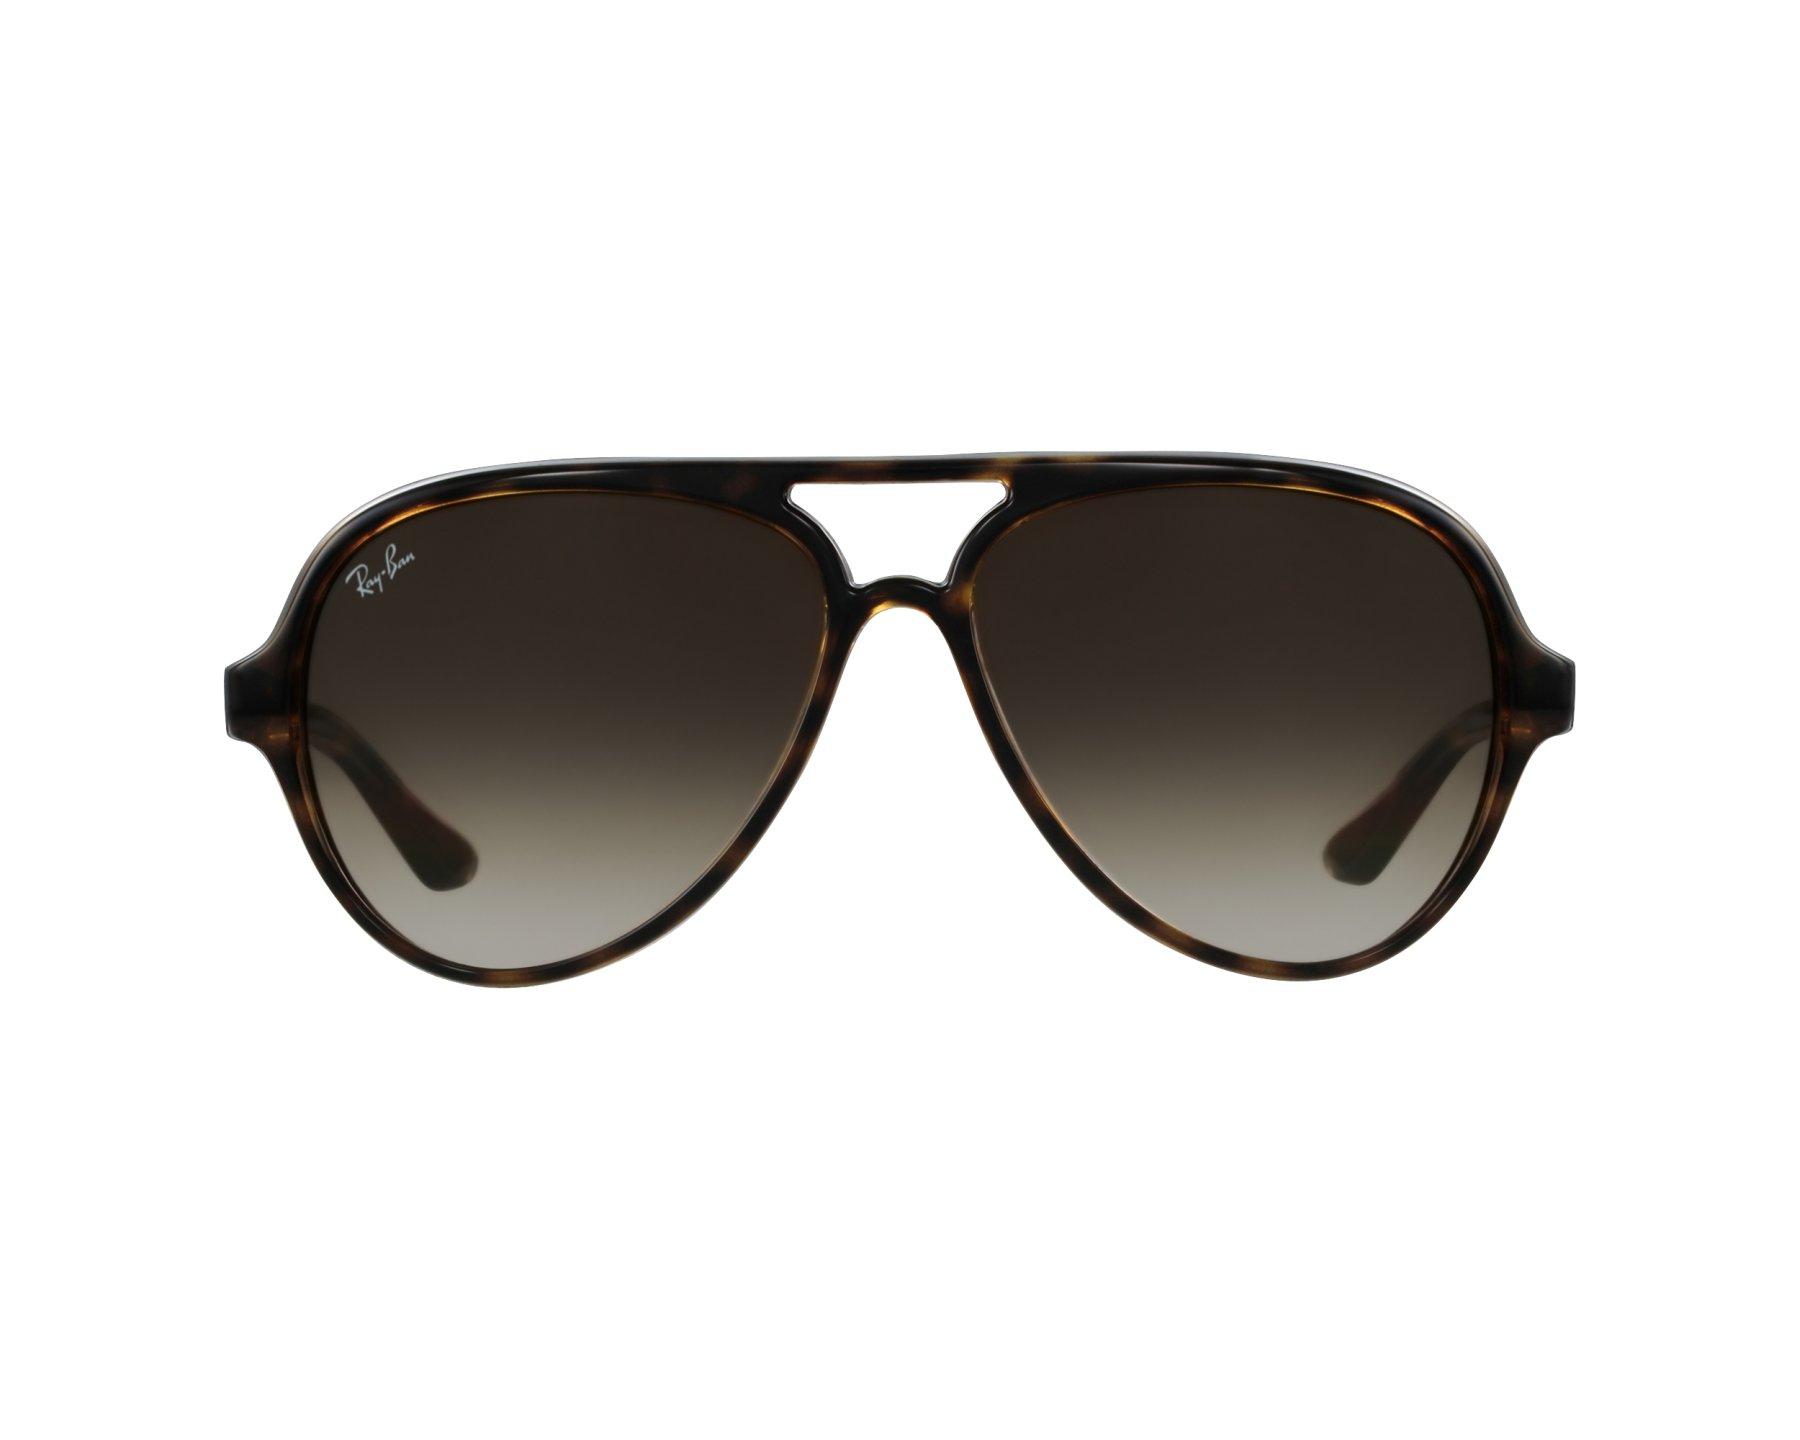 Gafas de sol Ray Ban RB4125 710 51 tamaño  59 a comprar online d2bfb485b2f0